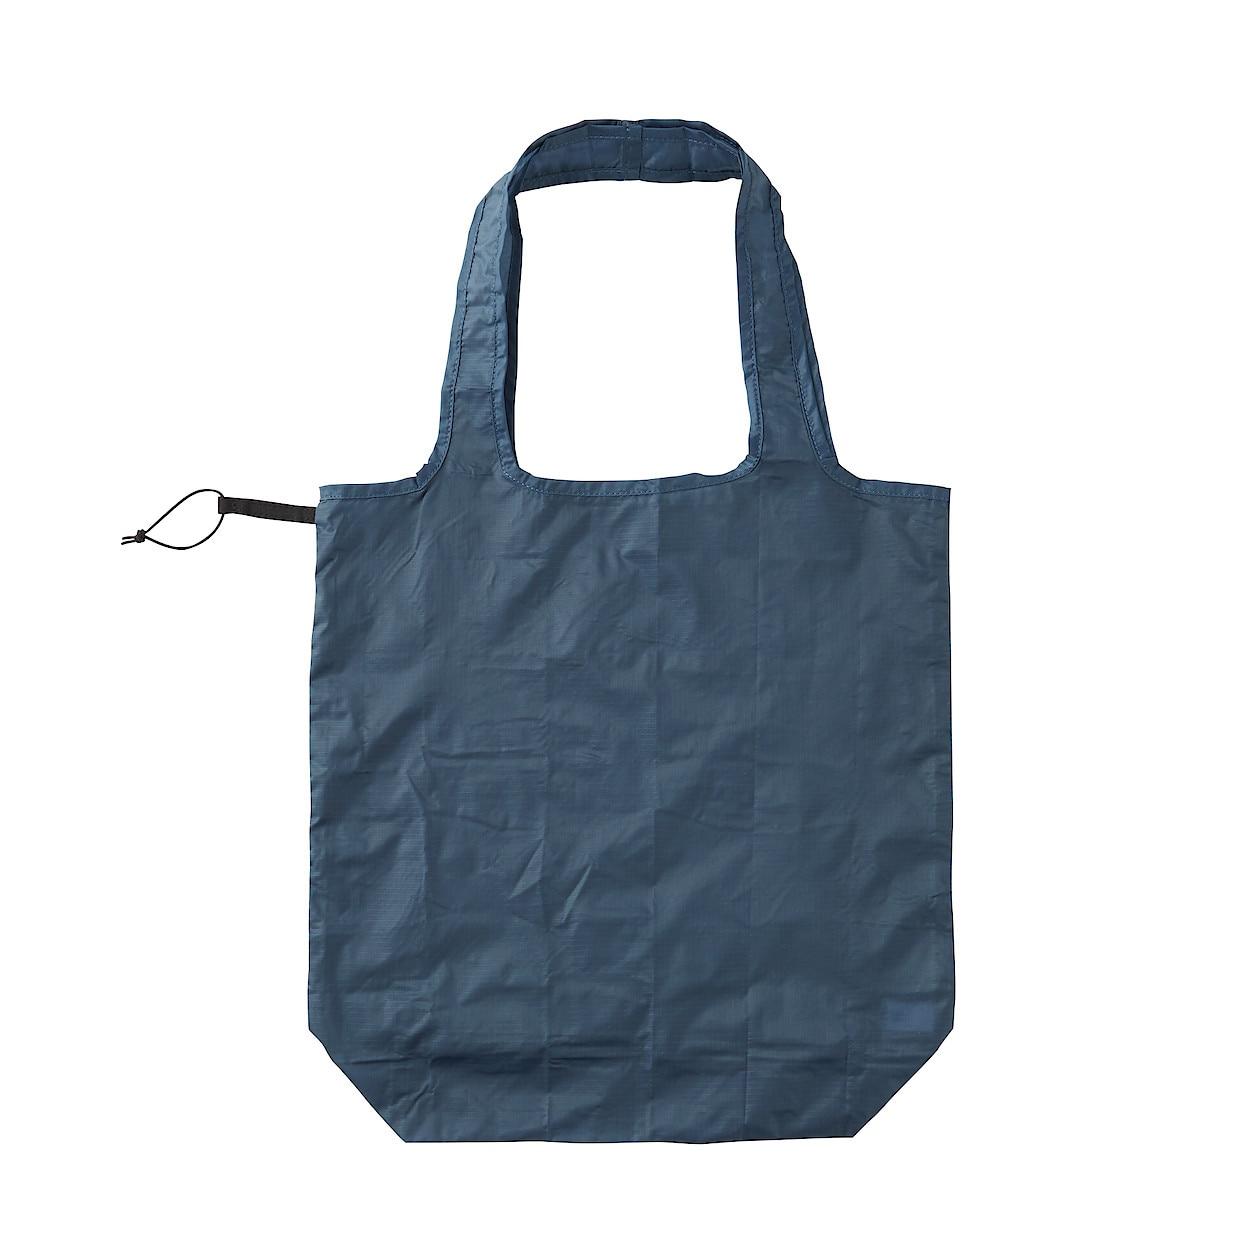 ナイロン買い物バッグ